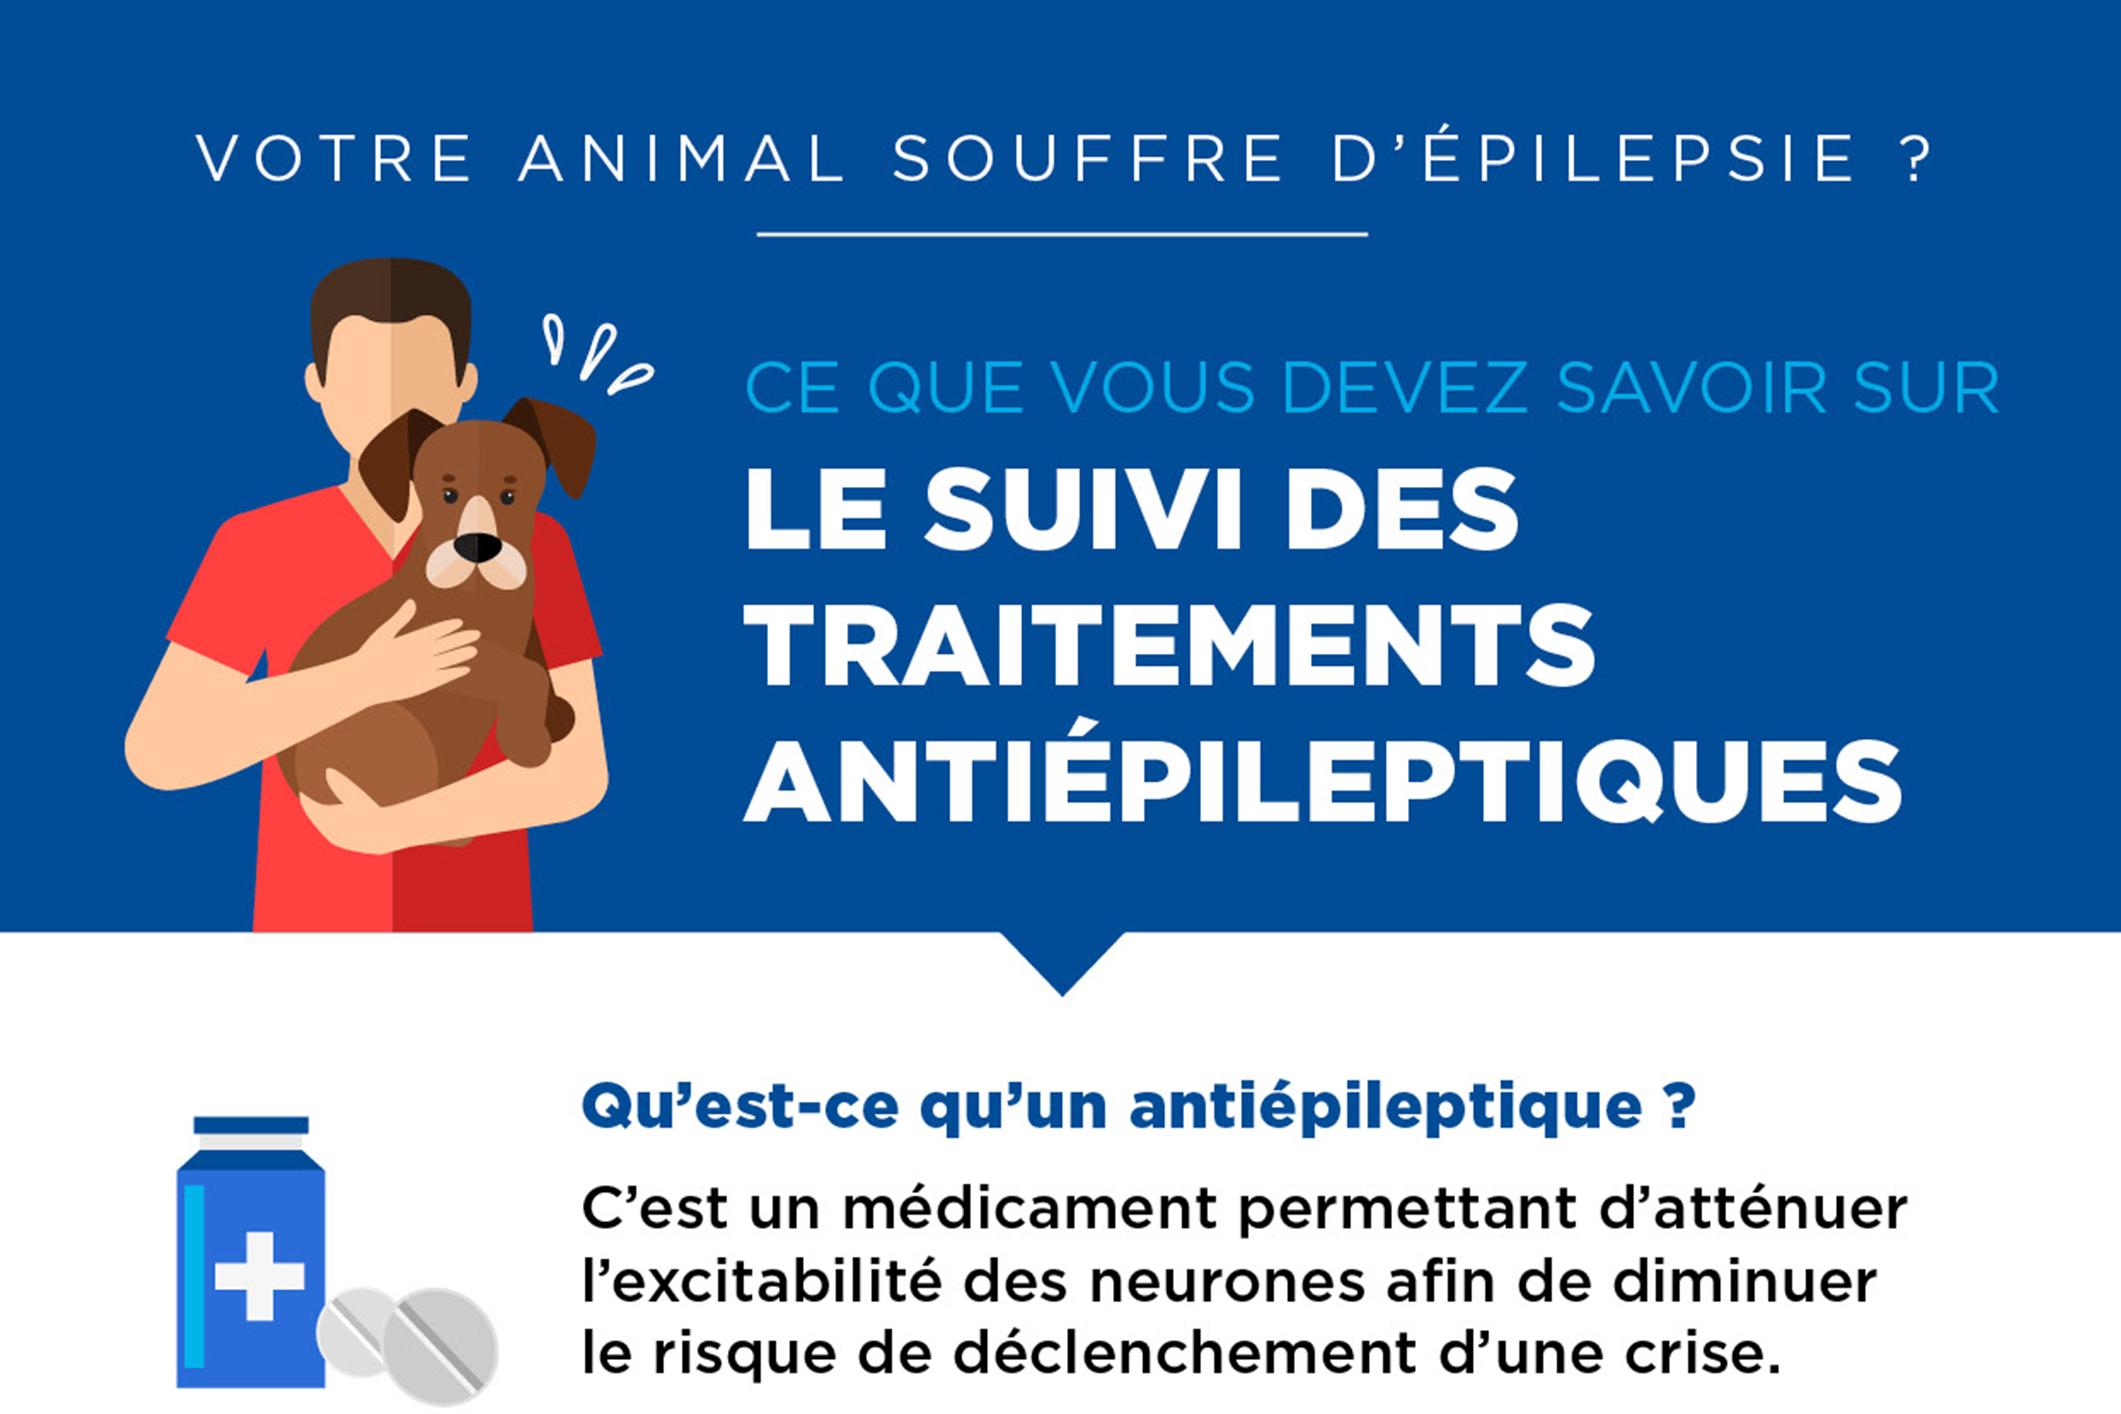 Le suivi des traitements antiépileptiques